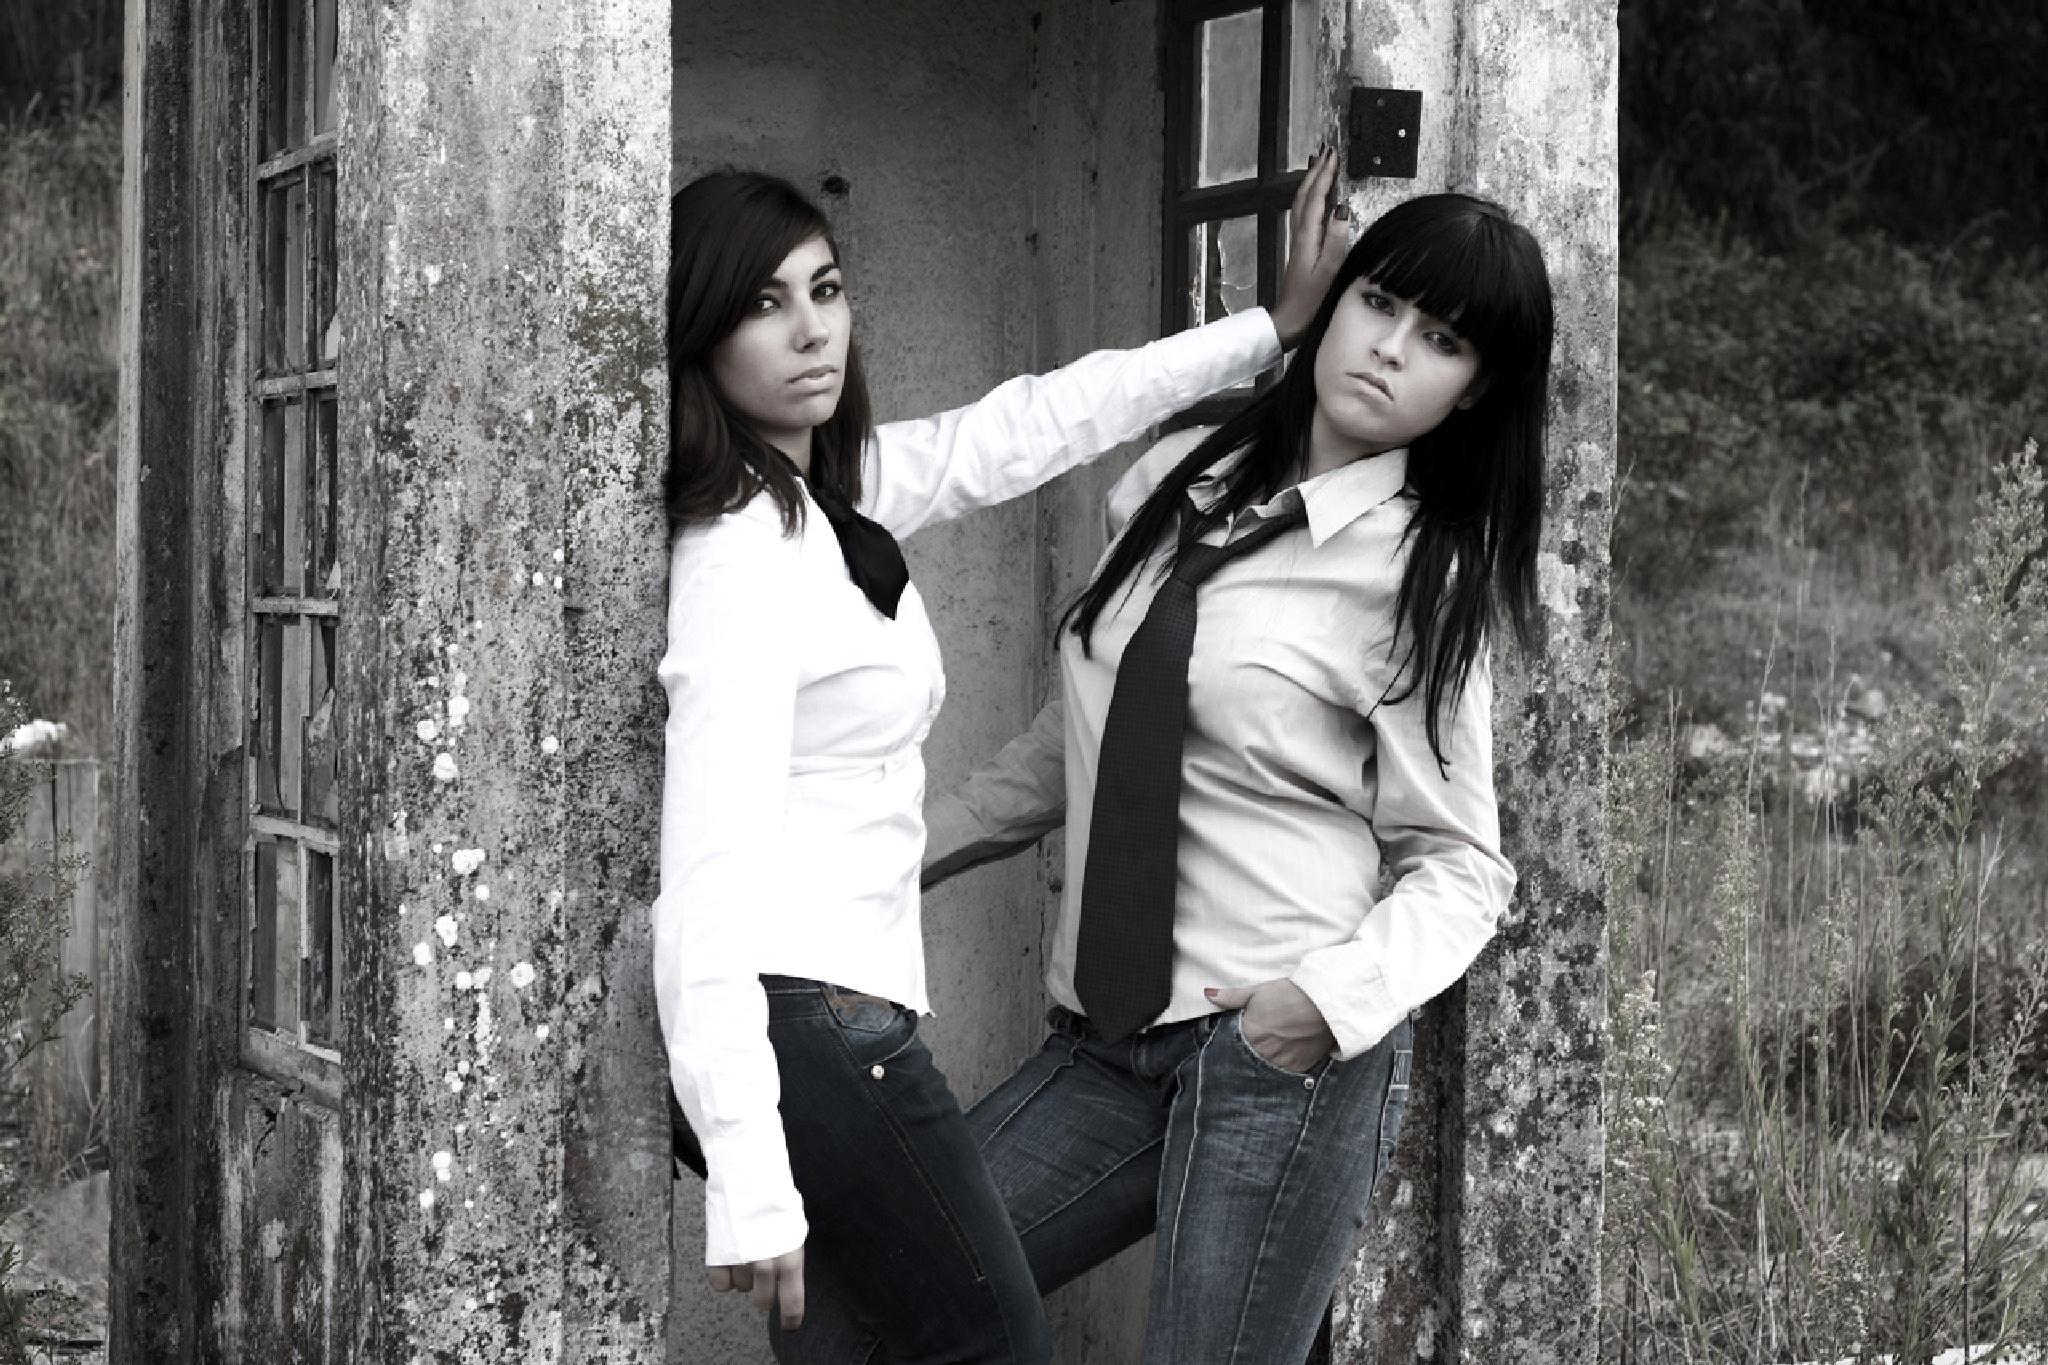 Cátia & Barbara by António Monteiro